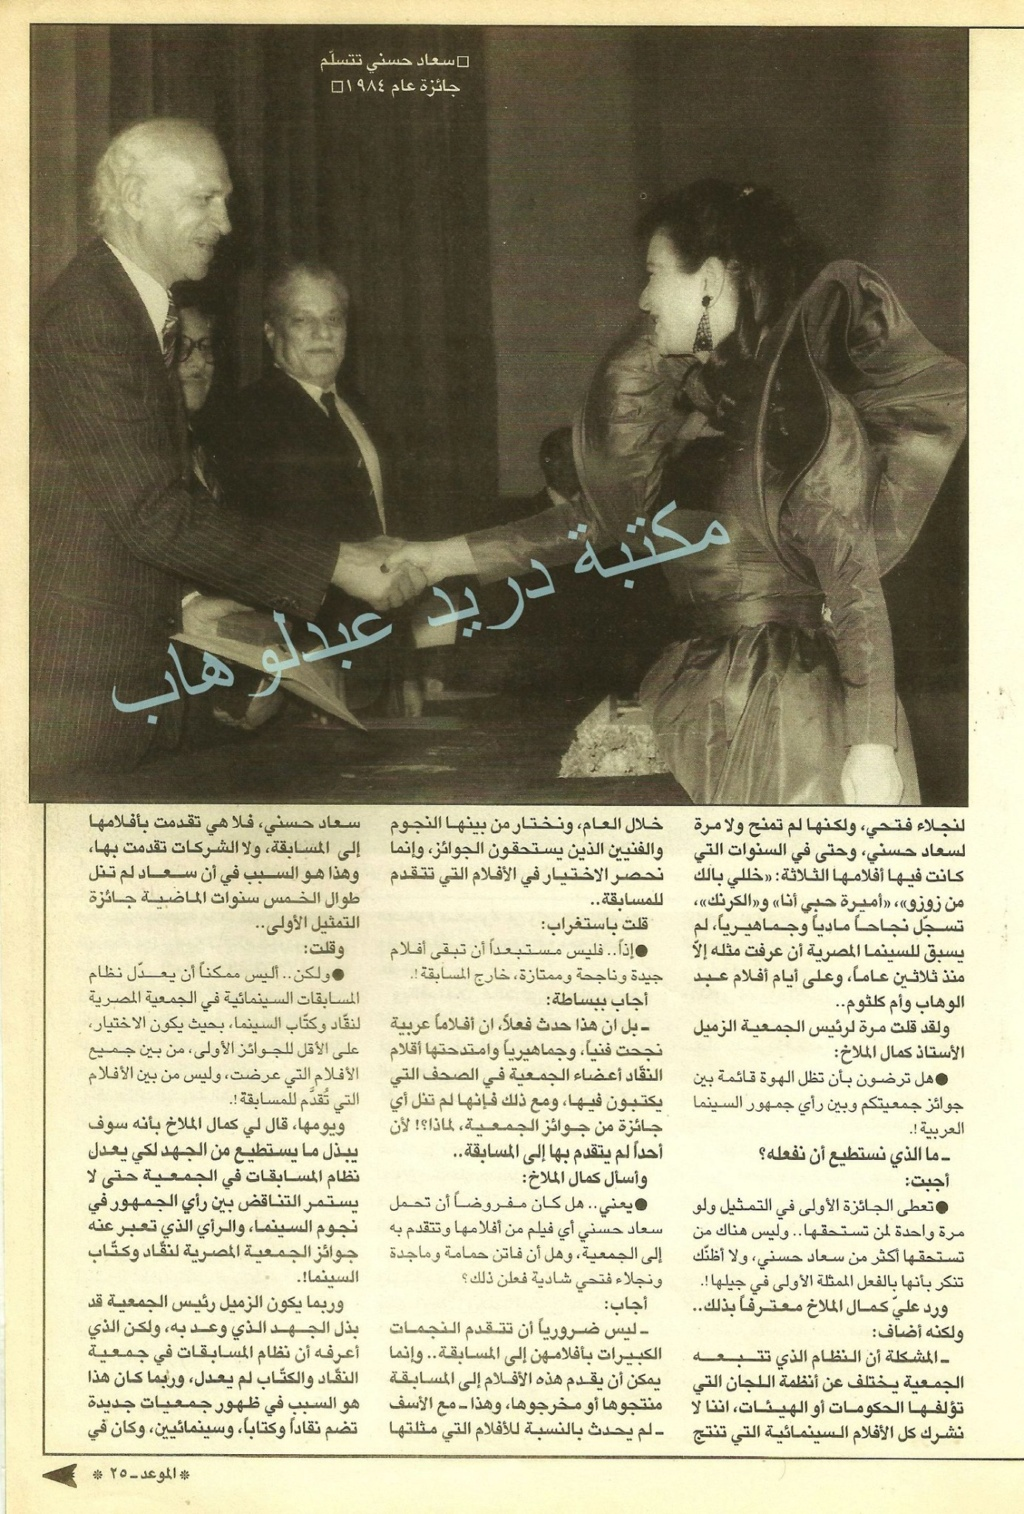 مقال صحفي : سندريللا والجوائز والاشاعات 1979 م 2188